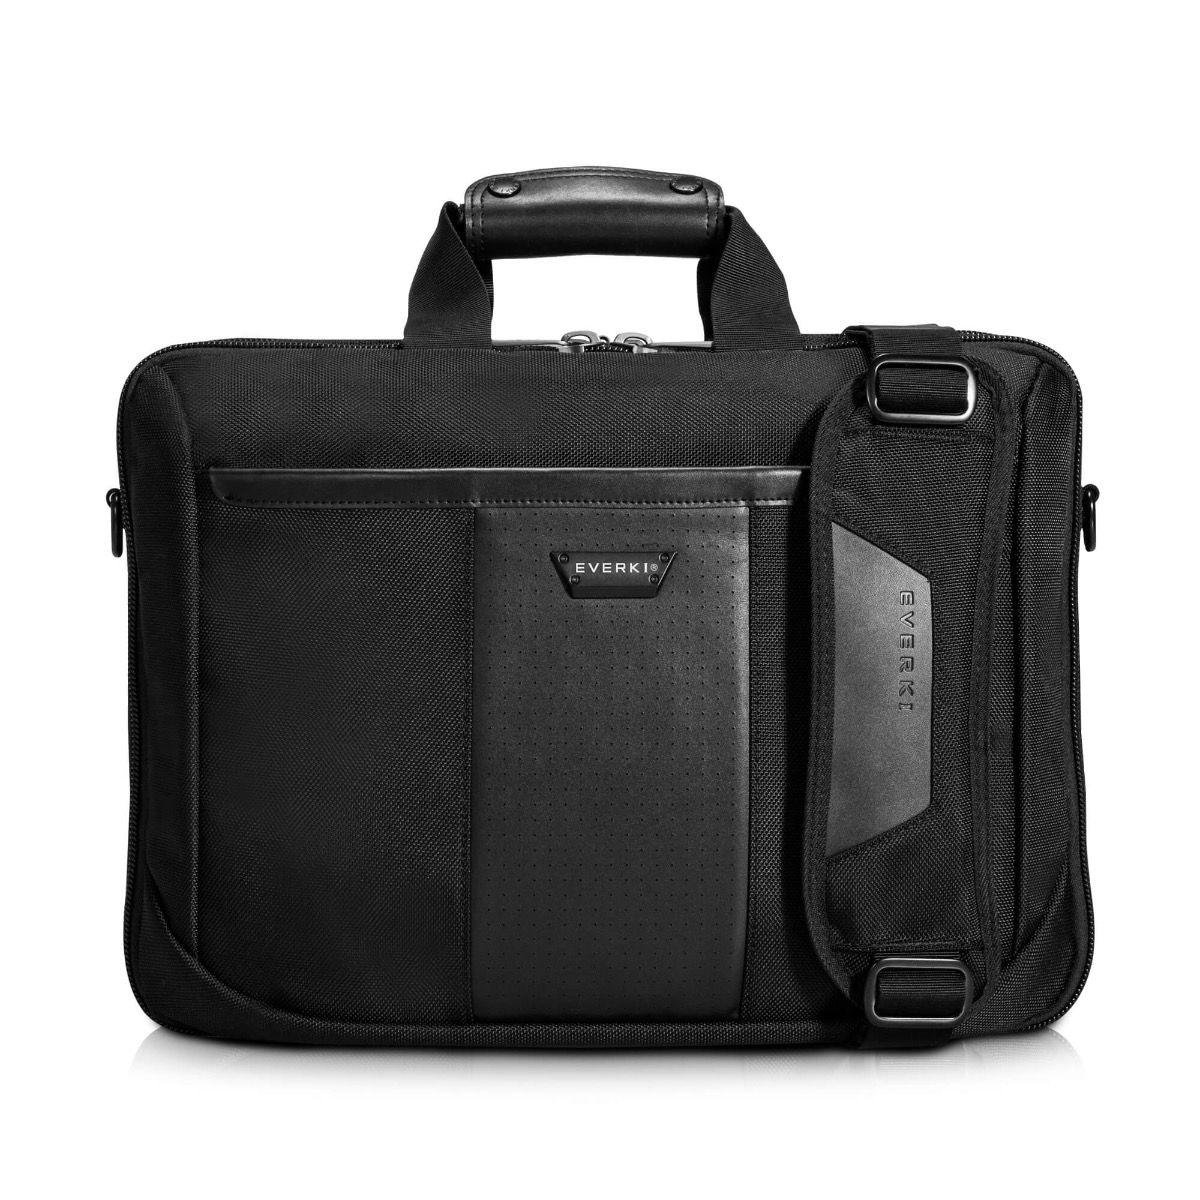 EVERKI Versa Travel Friendly 16 Inch Laptop Briefcase